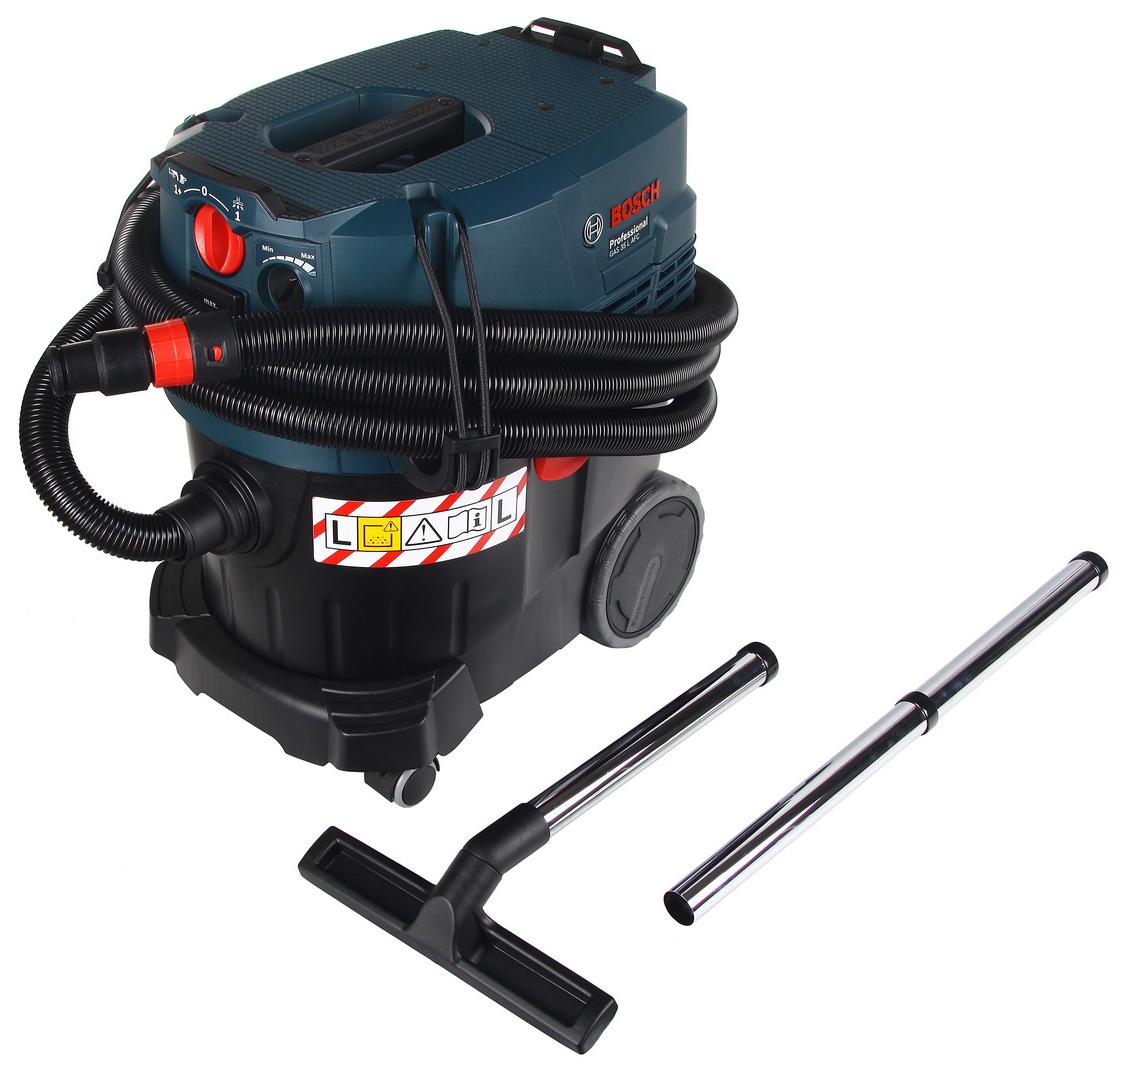 Пылесос Bosch Gas 35 l afc (0.601.9c3.200)